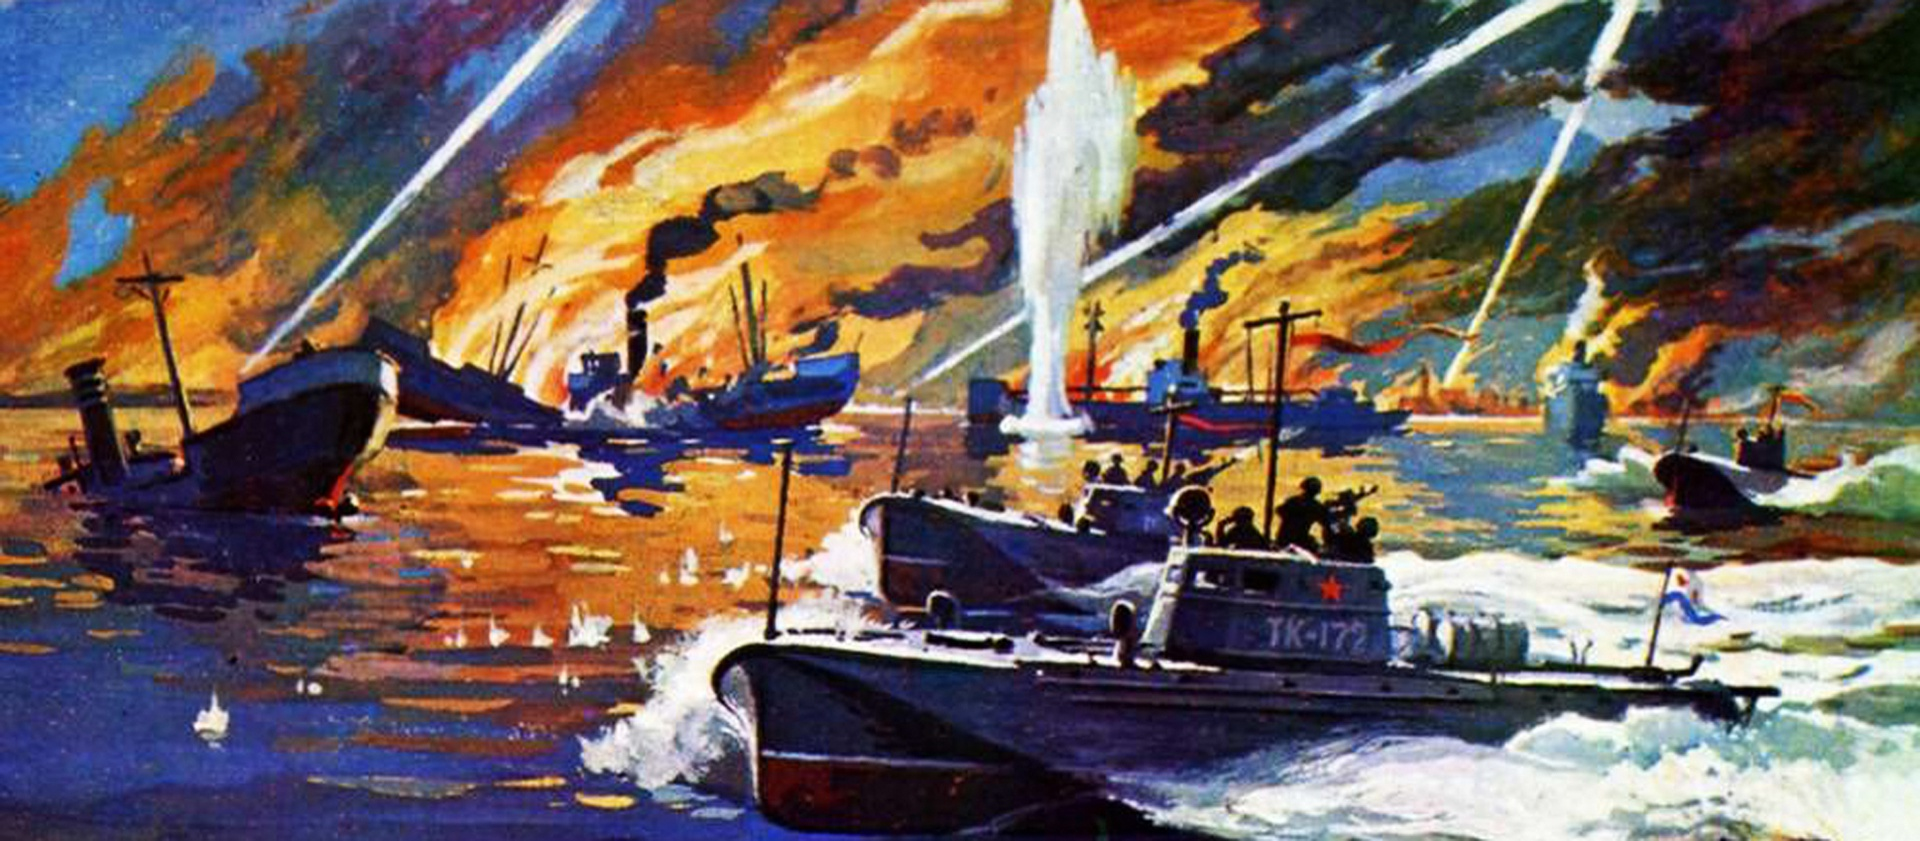 Последний трудный бой: разгром Квантунской армии